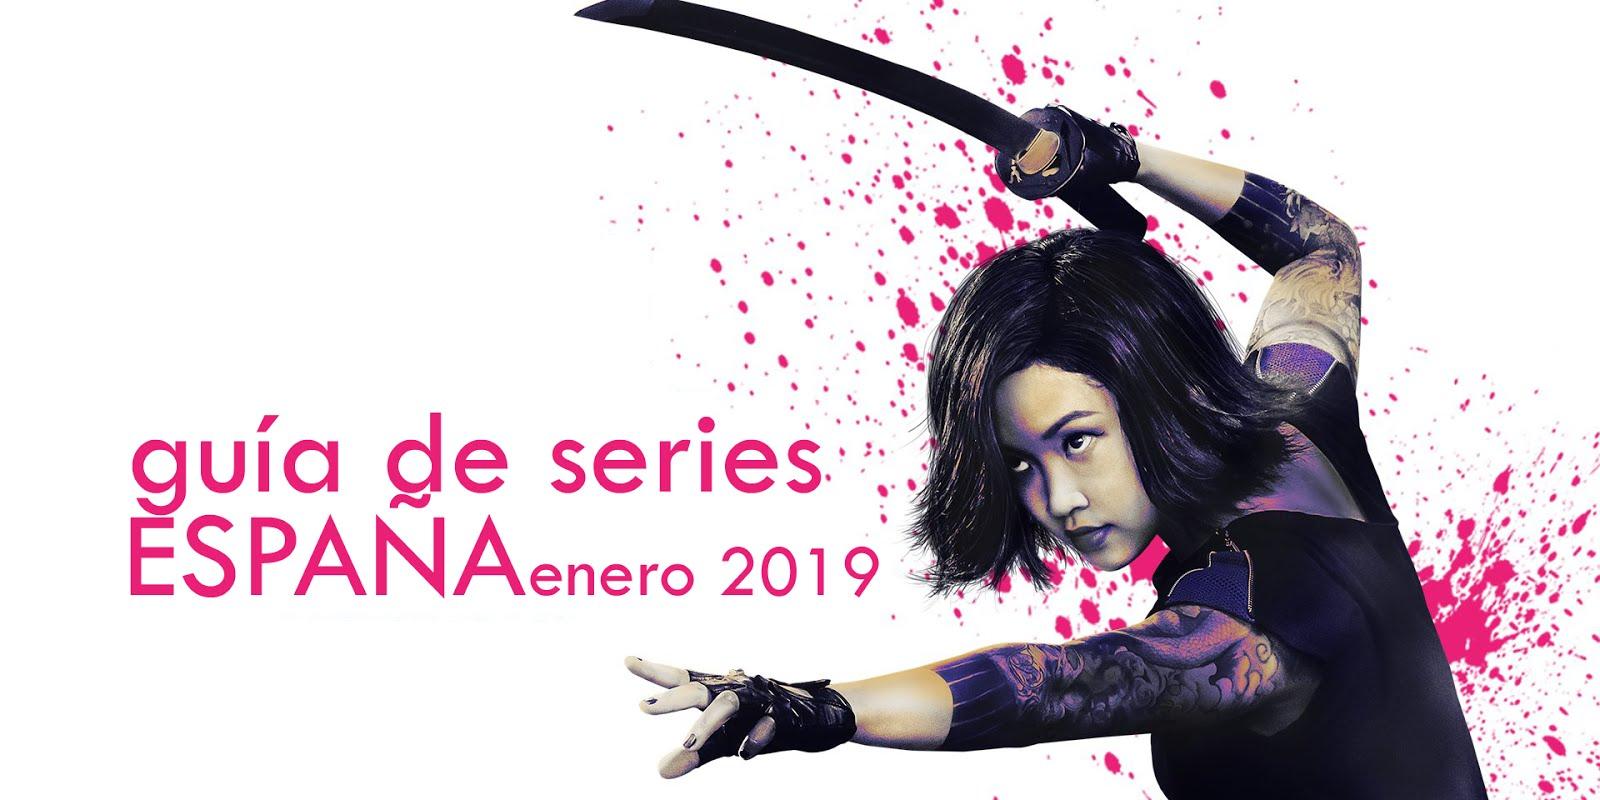 Guía de estrenos en España en enero de 2019